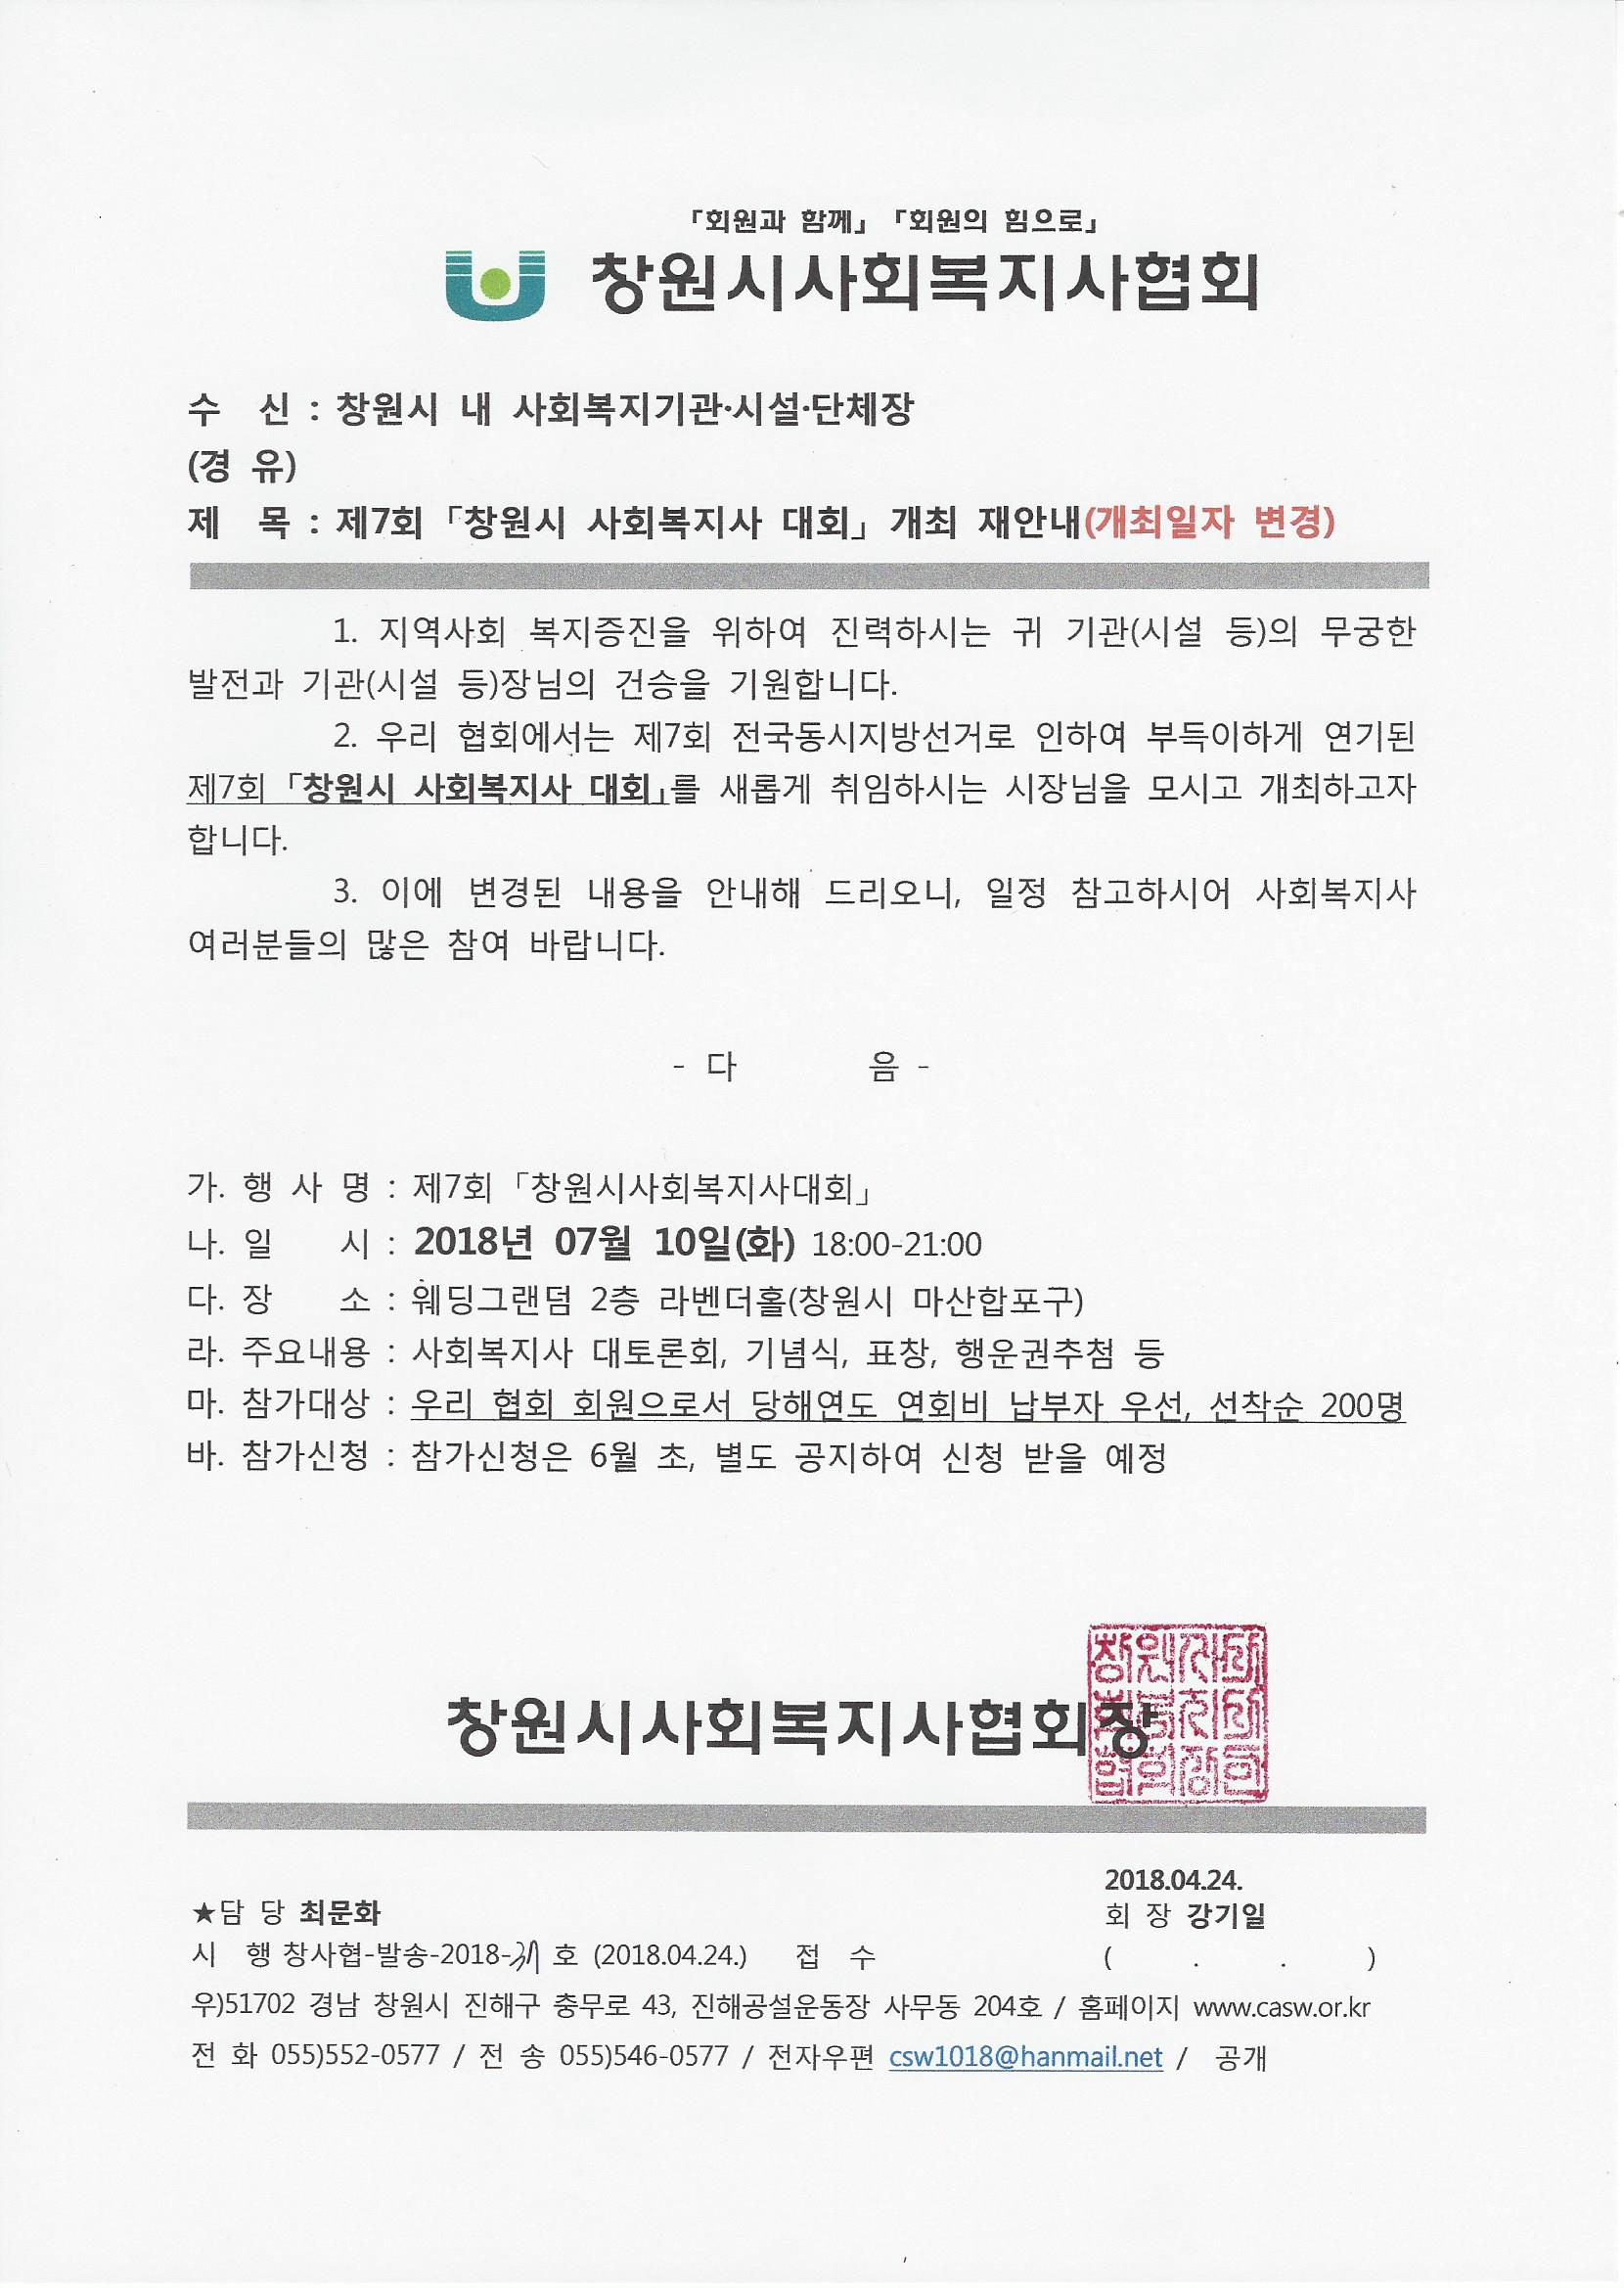 제7회 창원시 사회복지사 대회 개최 재안내(개최일자 변경).jpg